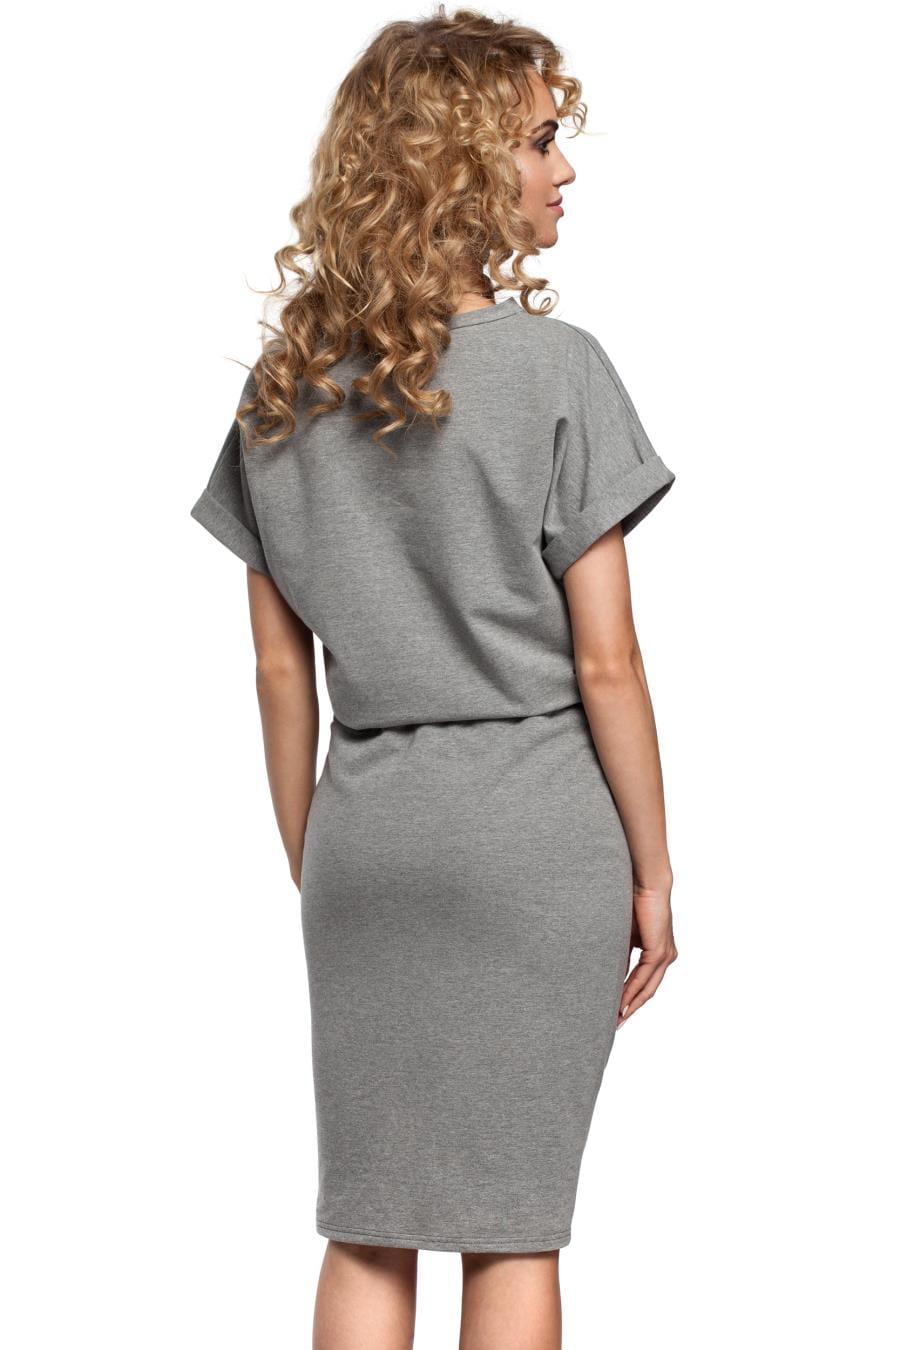 573804162f Bawełniana Sukienka Szara MO284 BESIMA.pl